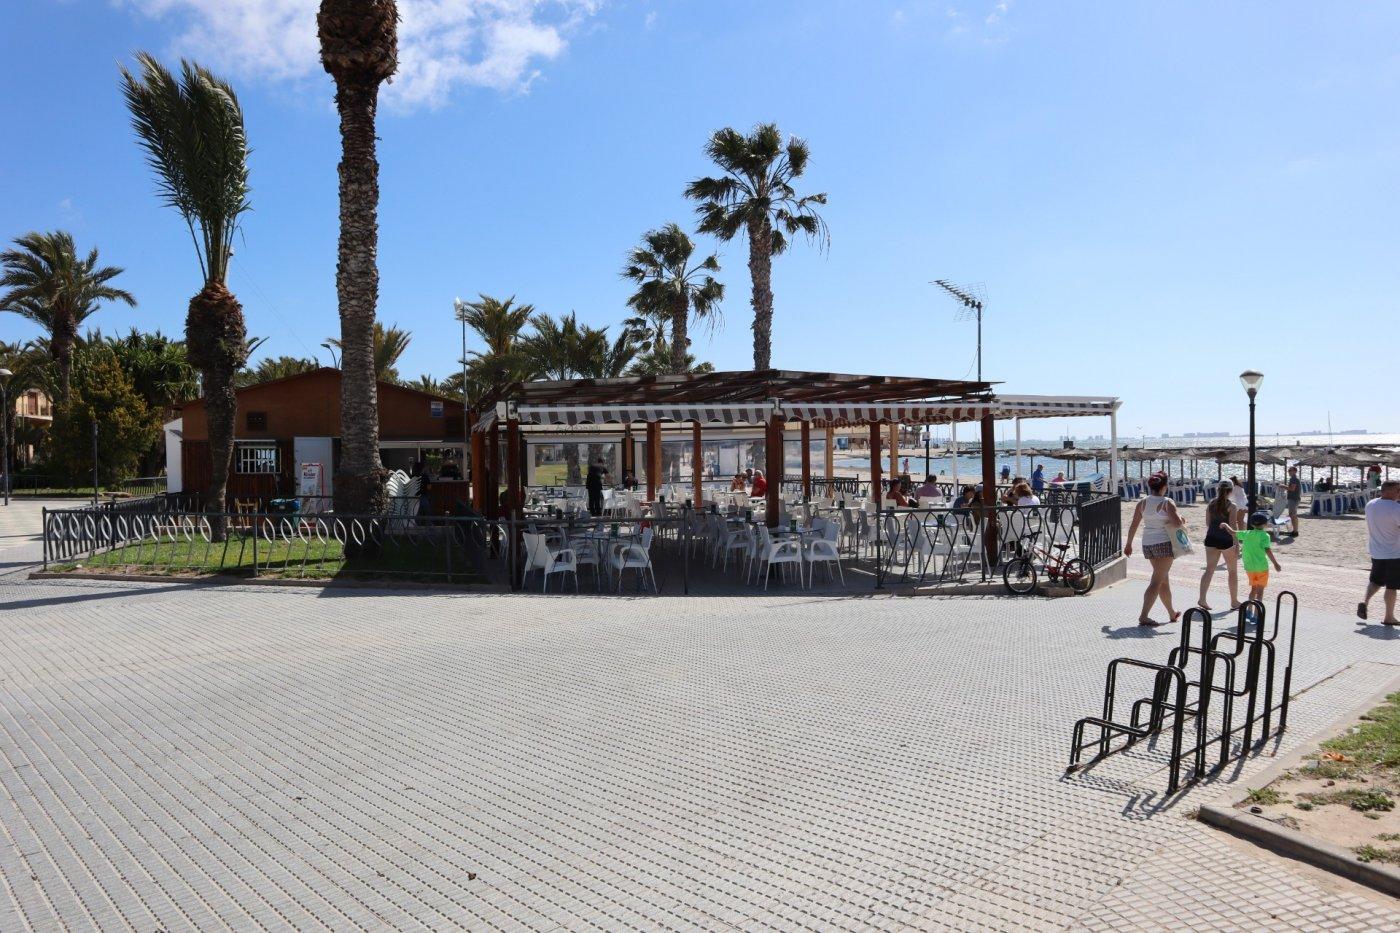 Apartment for rent in Hotel costa narejos, Los Alcazares